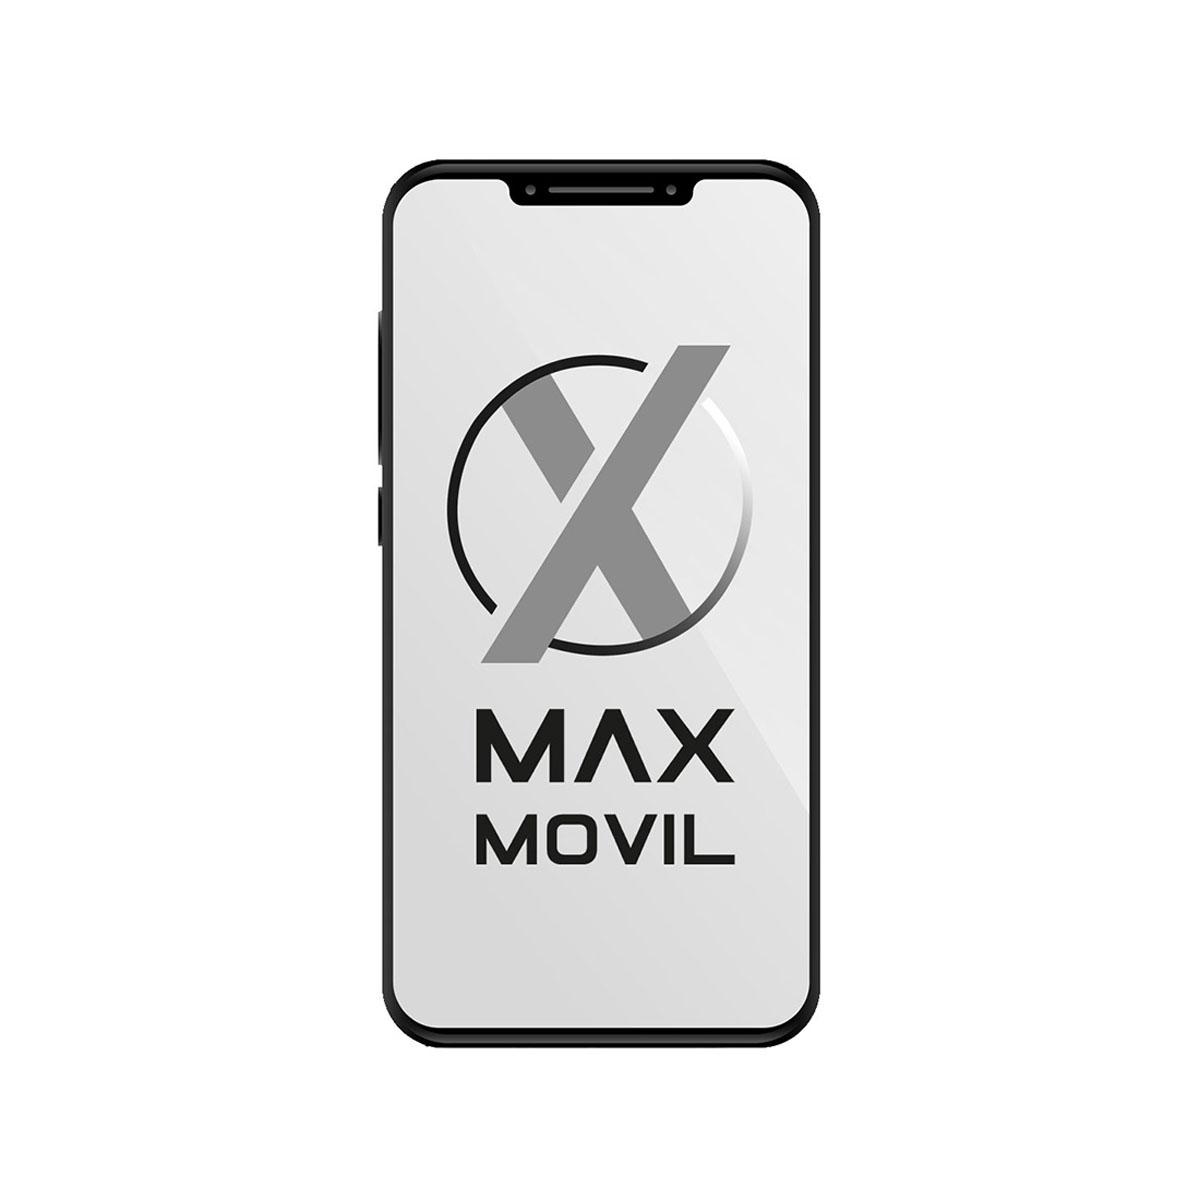 Comprar Tablet LG GPad 8.0 blanco 4G